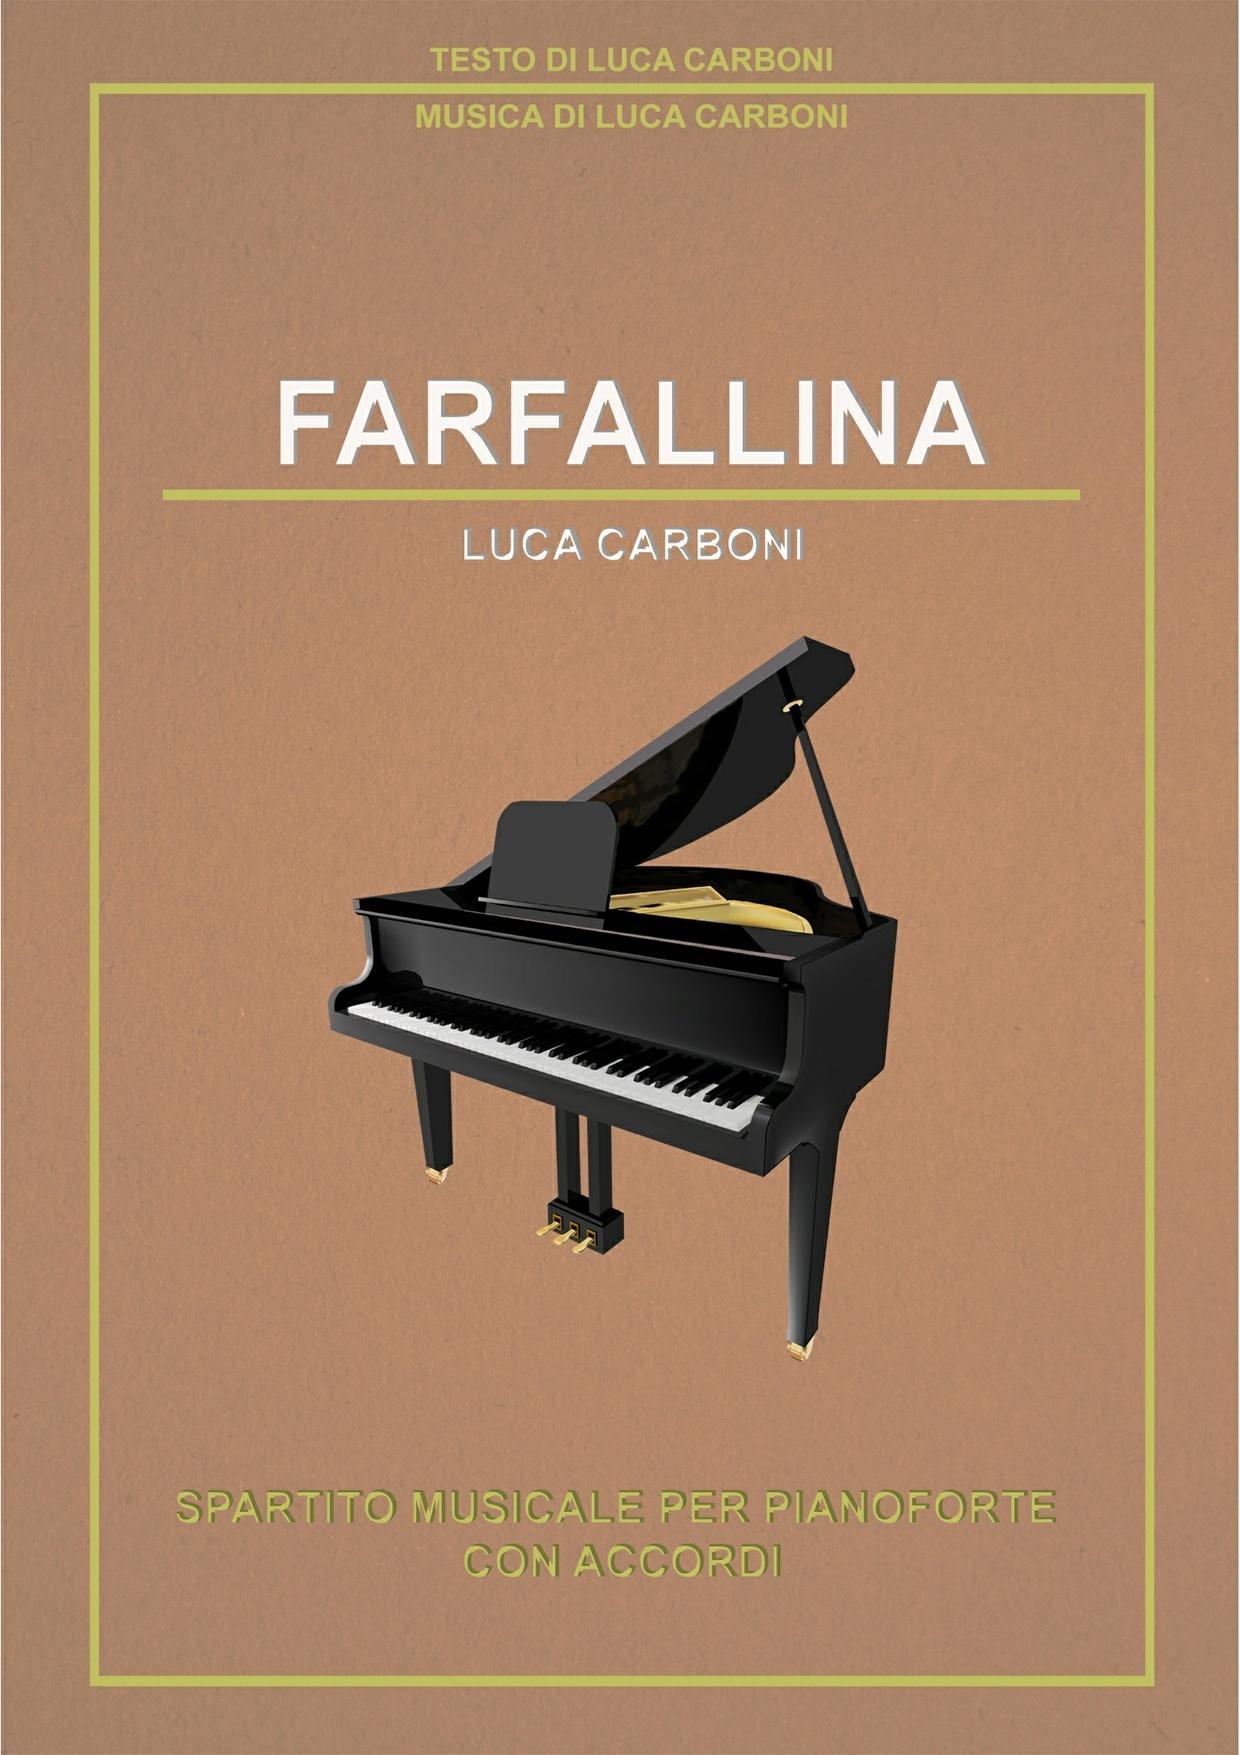 Luca Carboni - Farfallina